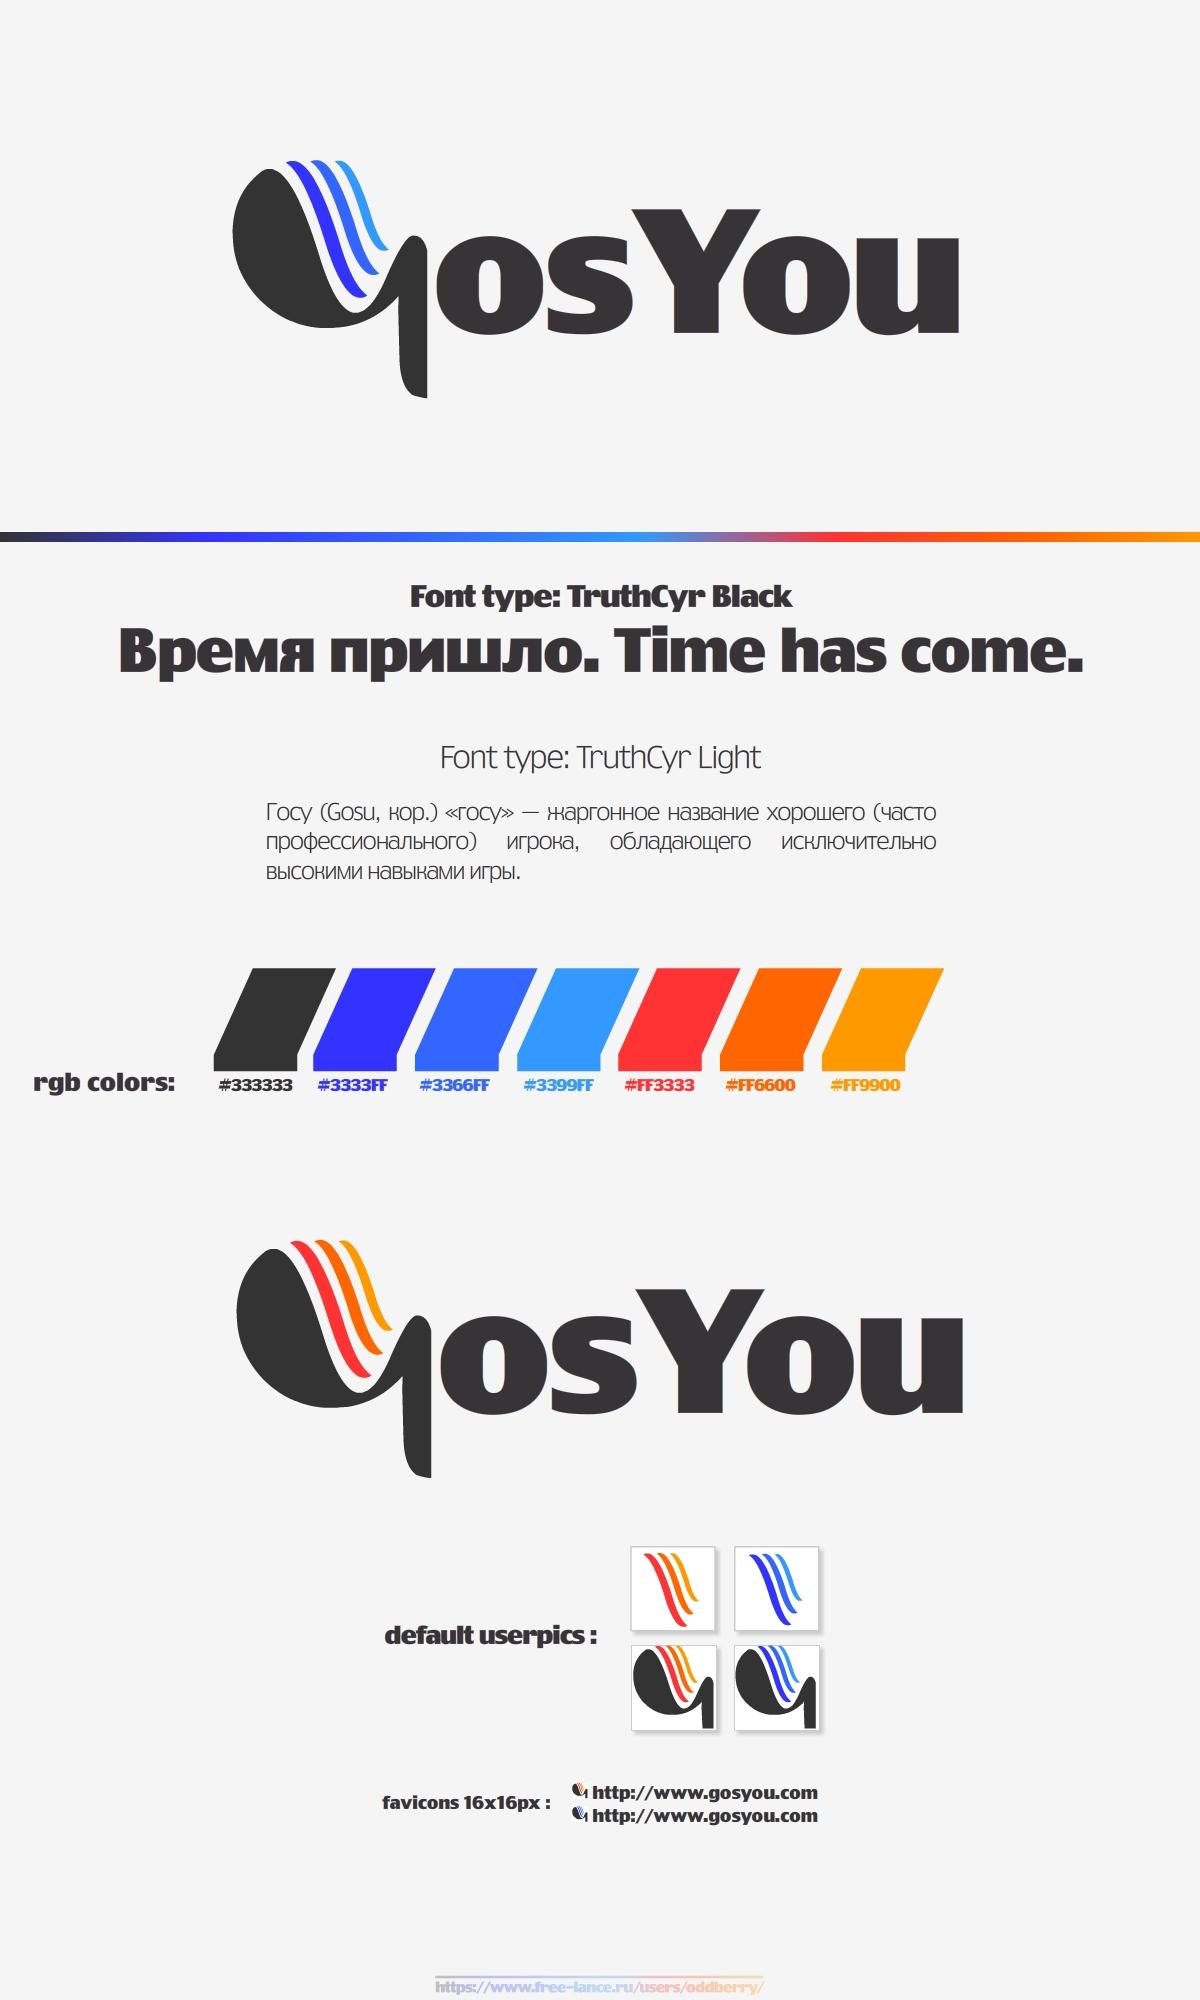 Логотип, фир. стиль и иконку для социальной сети GosYou фото f_507985f7b1d9f.jpg